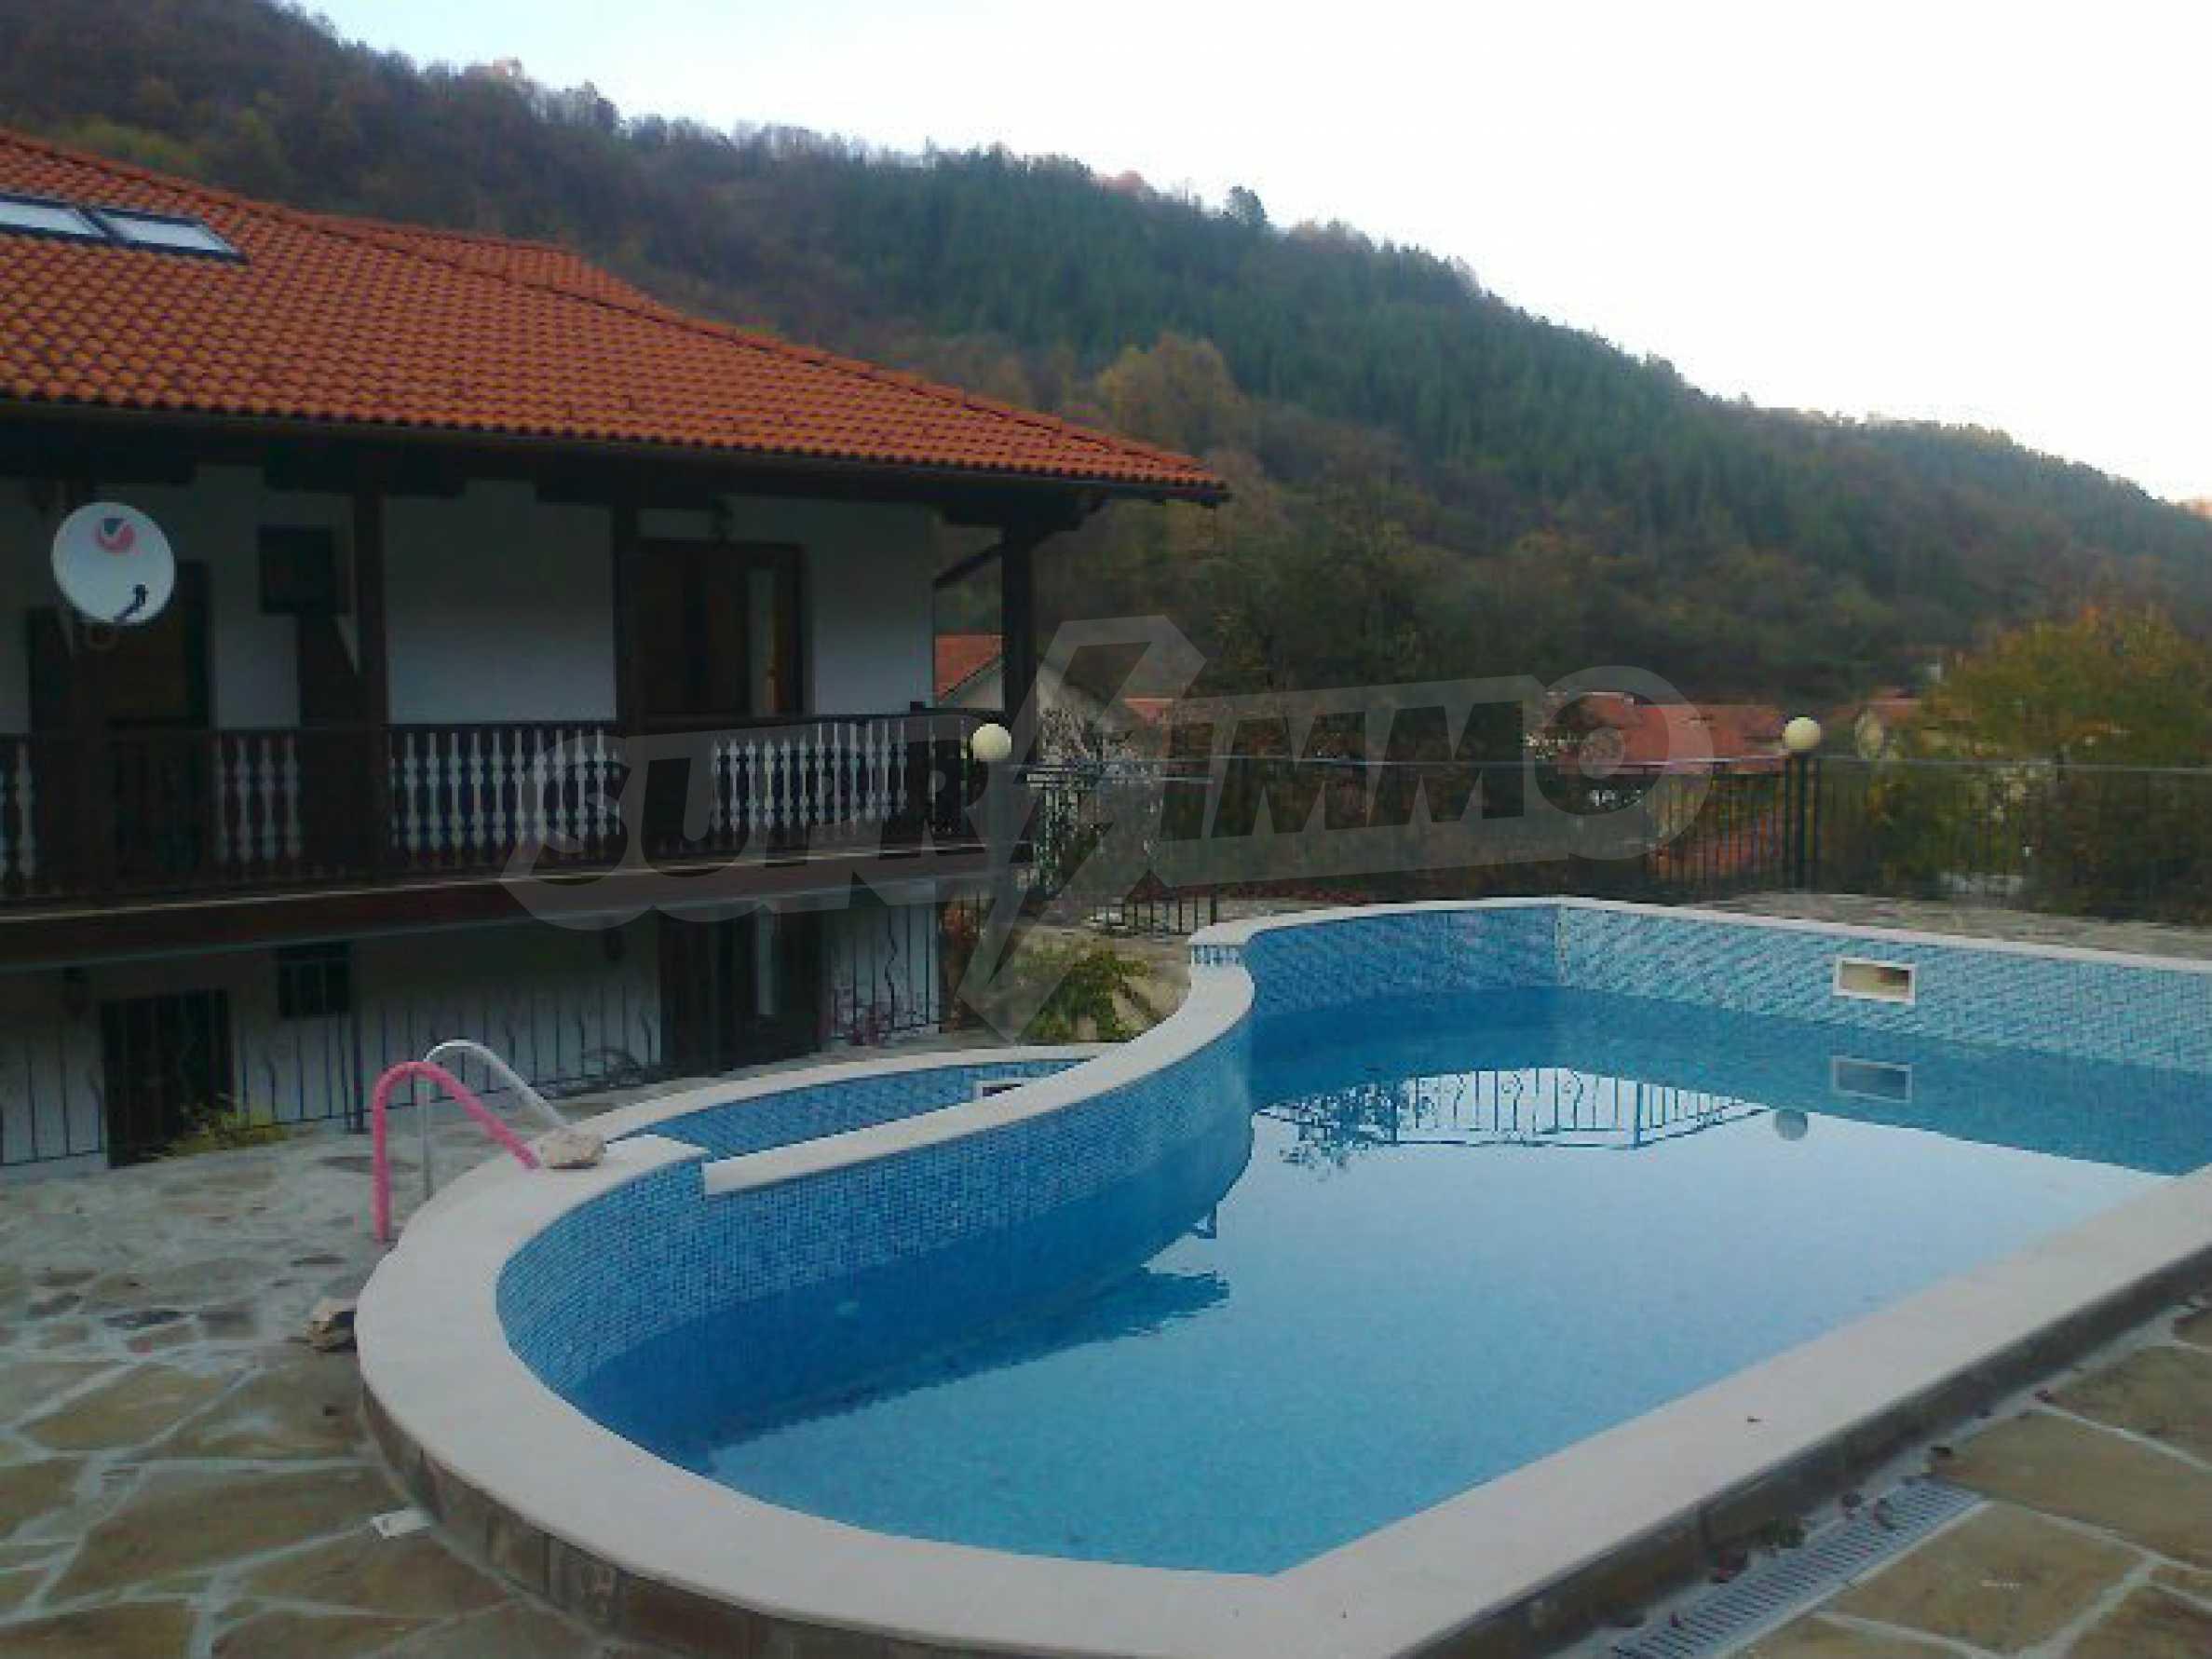 Neu erbautes, komfortabel eingerichtetes Hotel mit Pool im Herzen des Balkangebirges 3